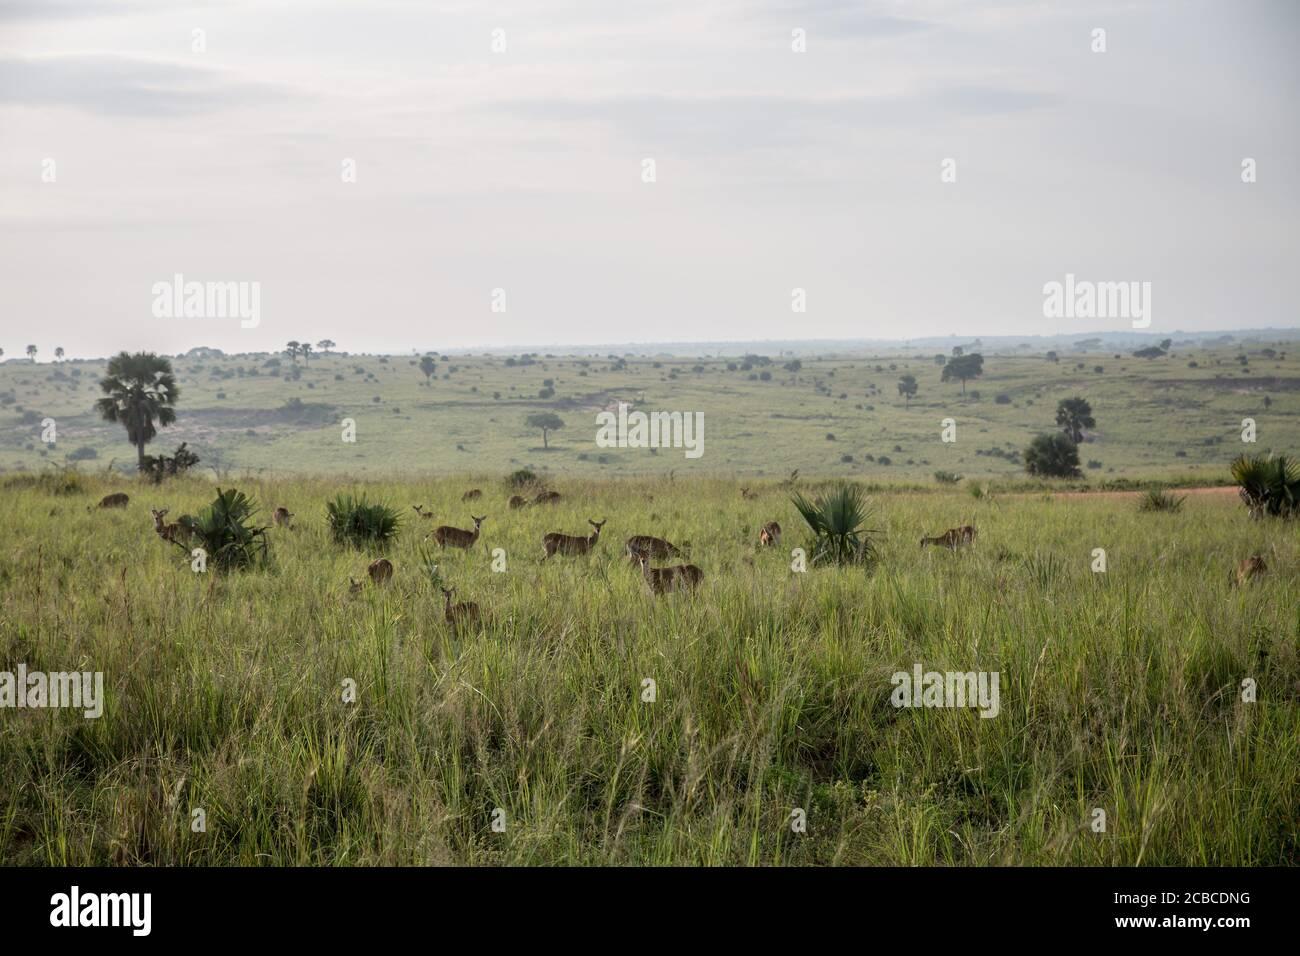 Los kobs ugandeses se encuentran en las cataratas Murchison, el parque nacional más grande de Uganda. La caza furtiva ha aumentado en Murchison Falls desde que comenzó la pandemia, mientras que se espera que Uganda pierda más de mil millones de dólares en turismo este año. Foto de stock